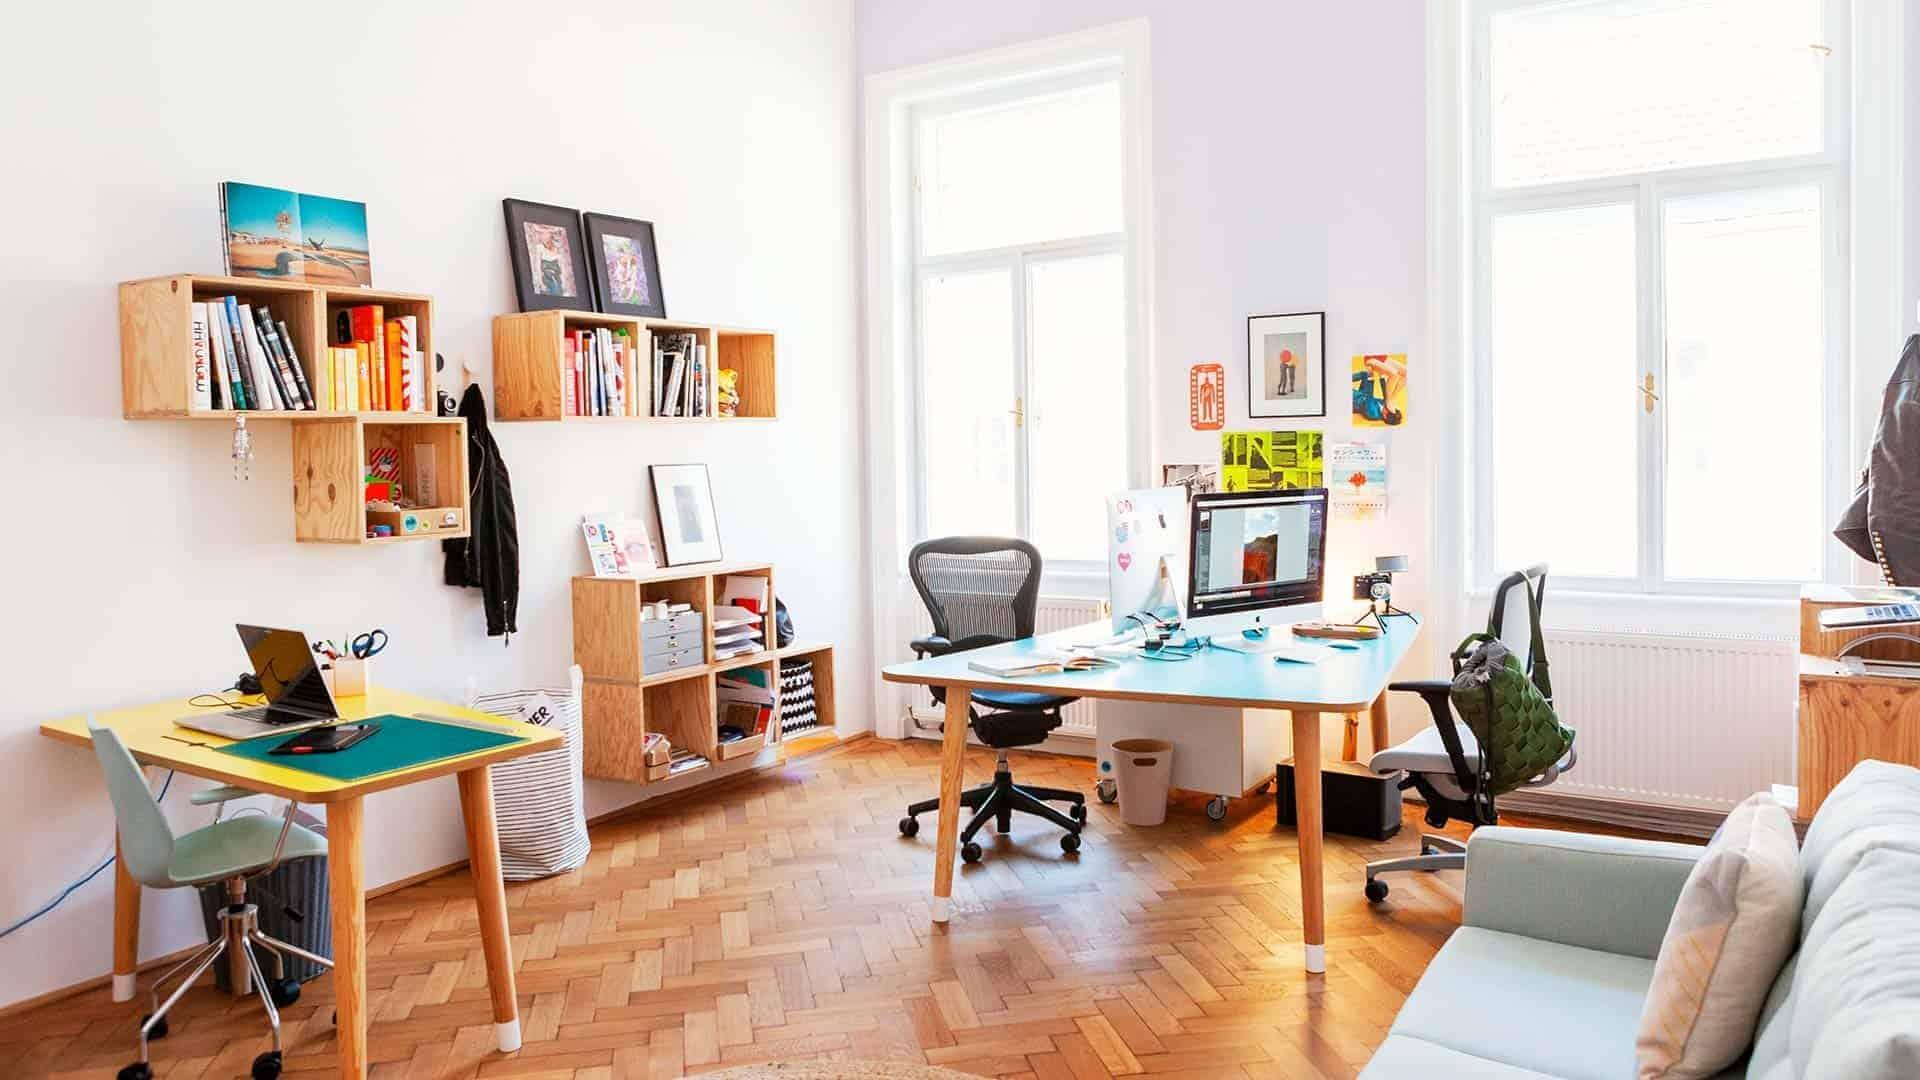 DAS-RUND-OFFICE-HOUSE-5.jpg